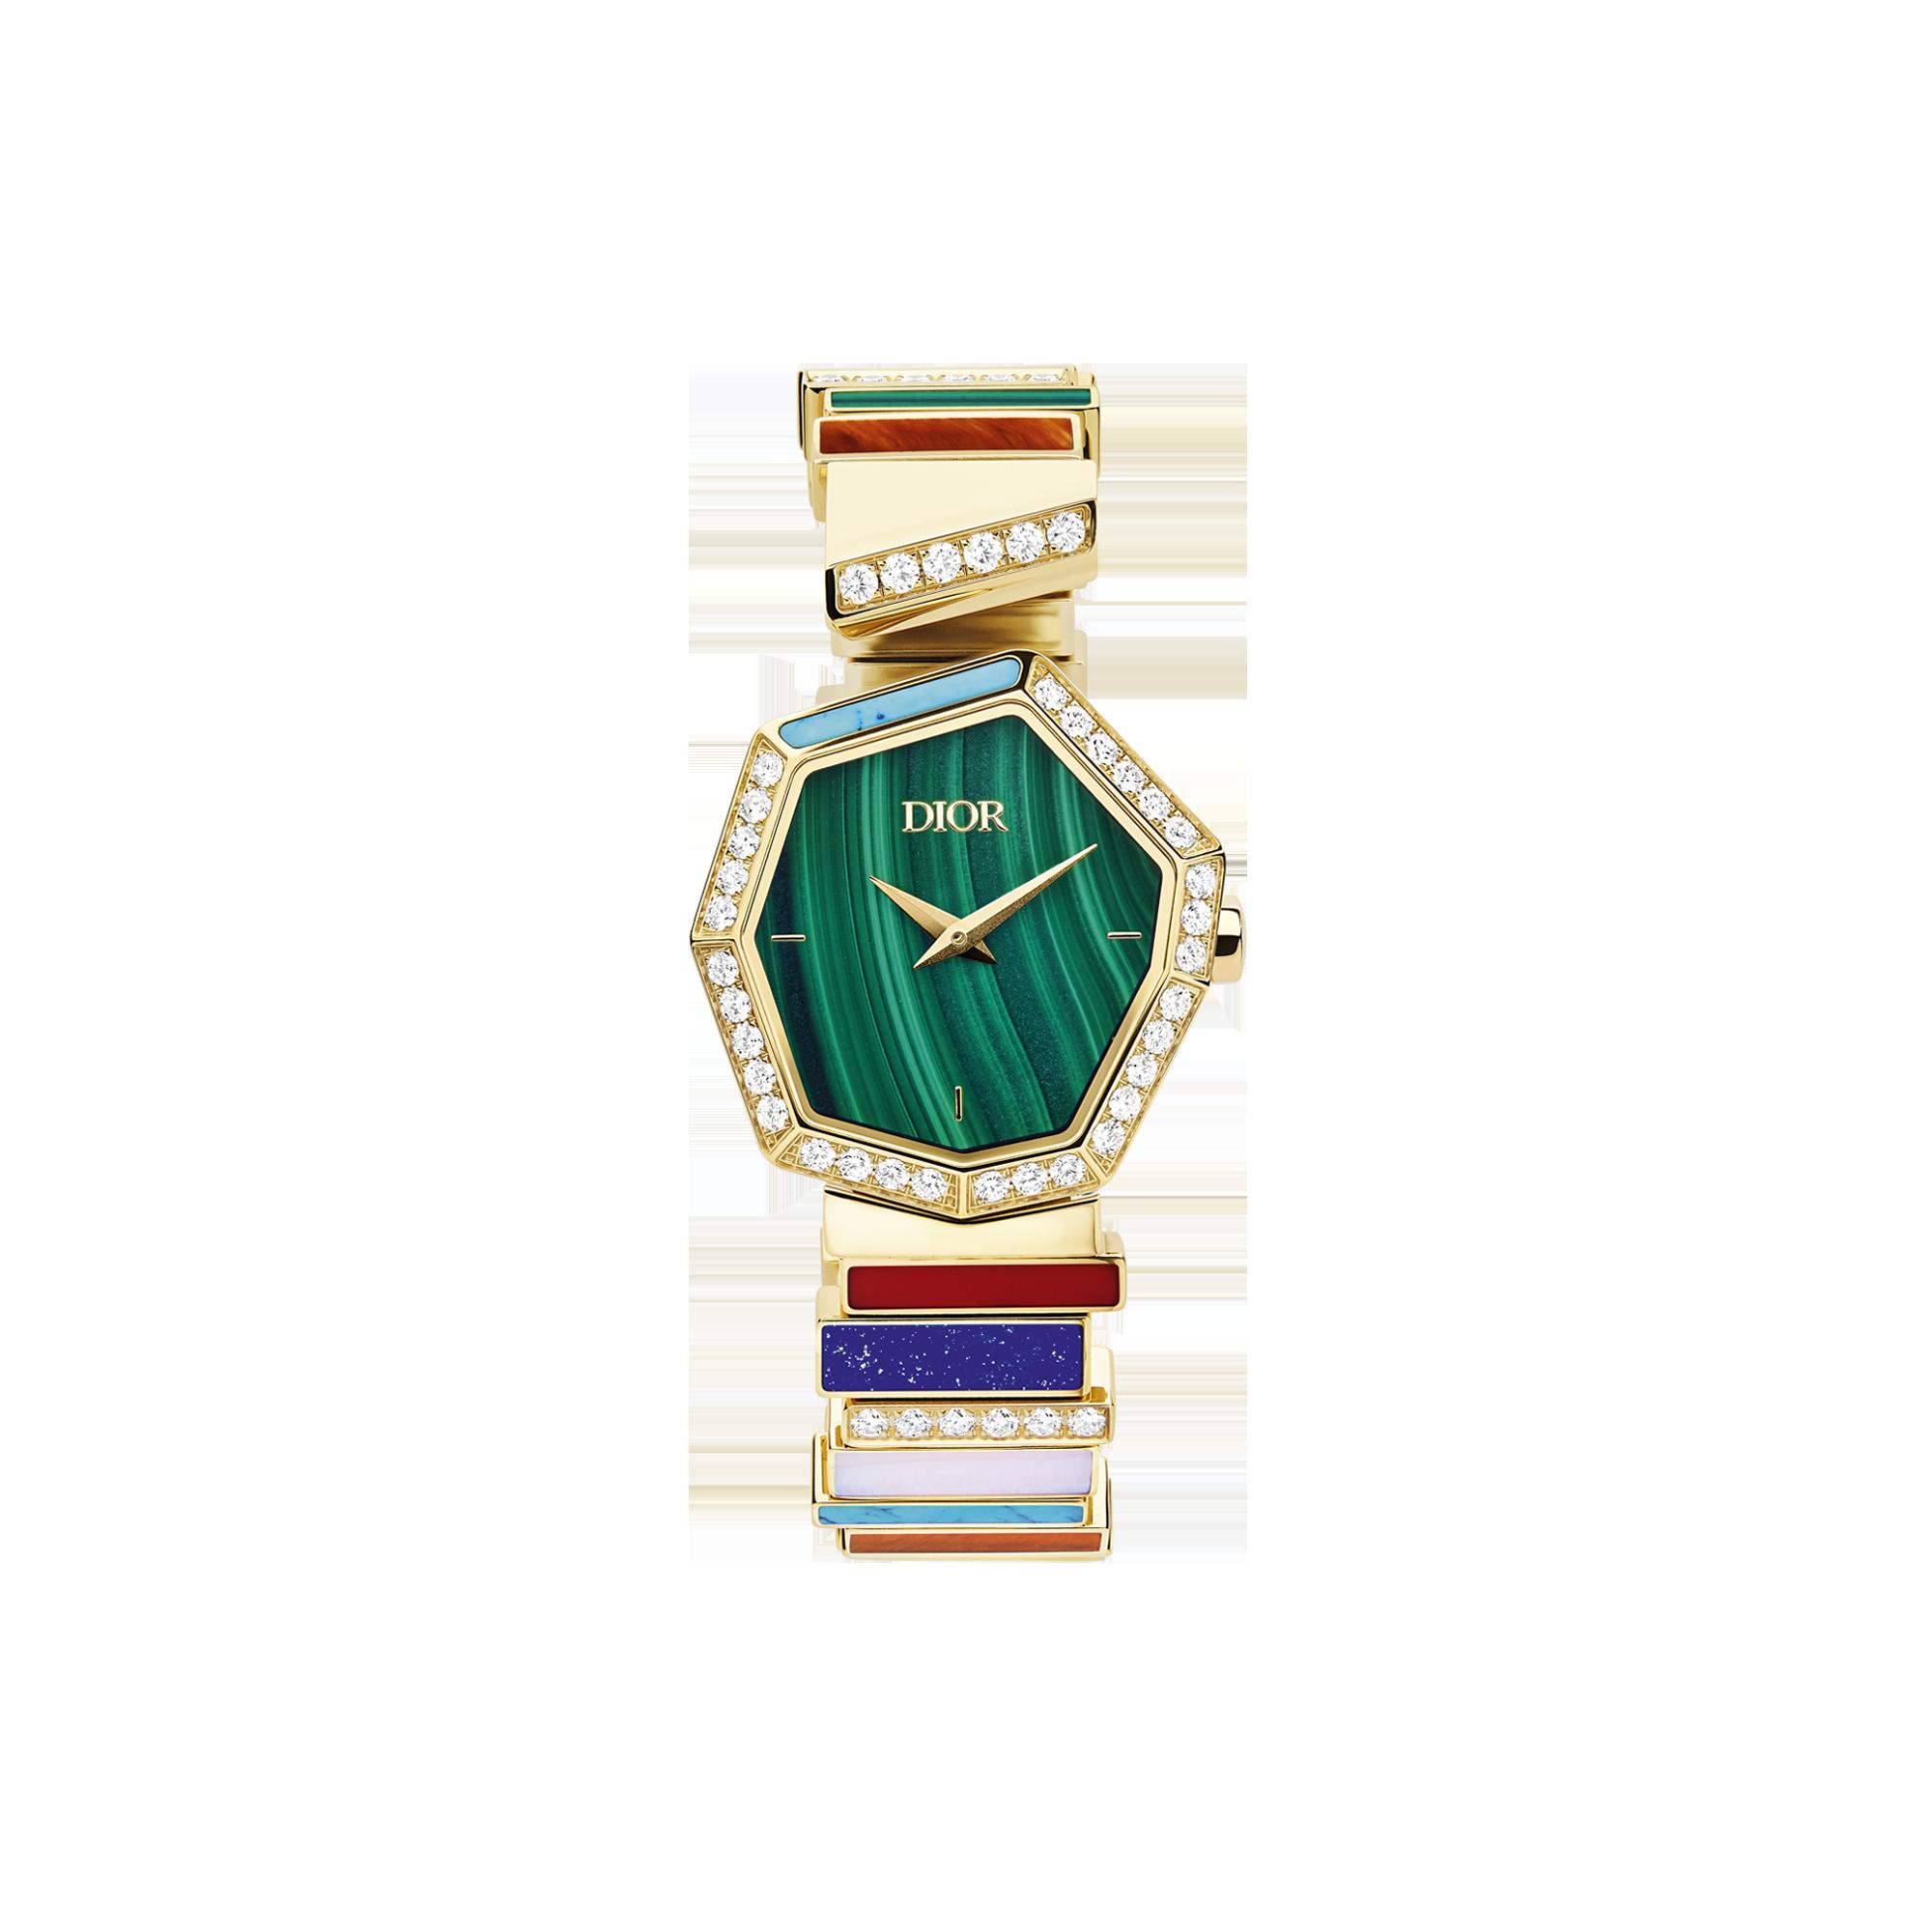 ساعة مفعمة بالألوان من ديور Dior